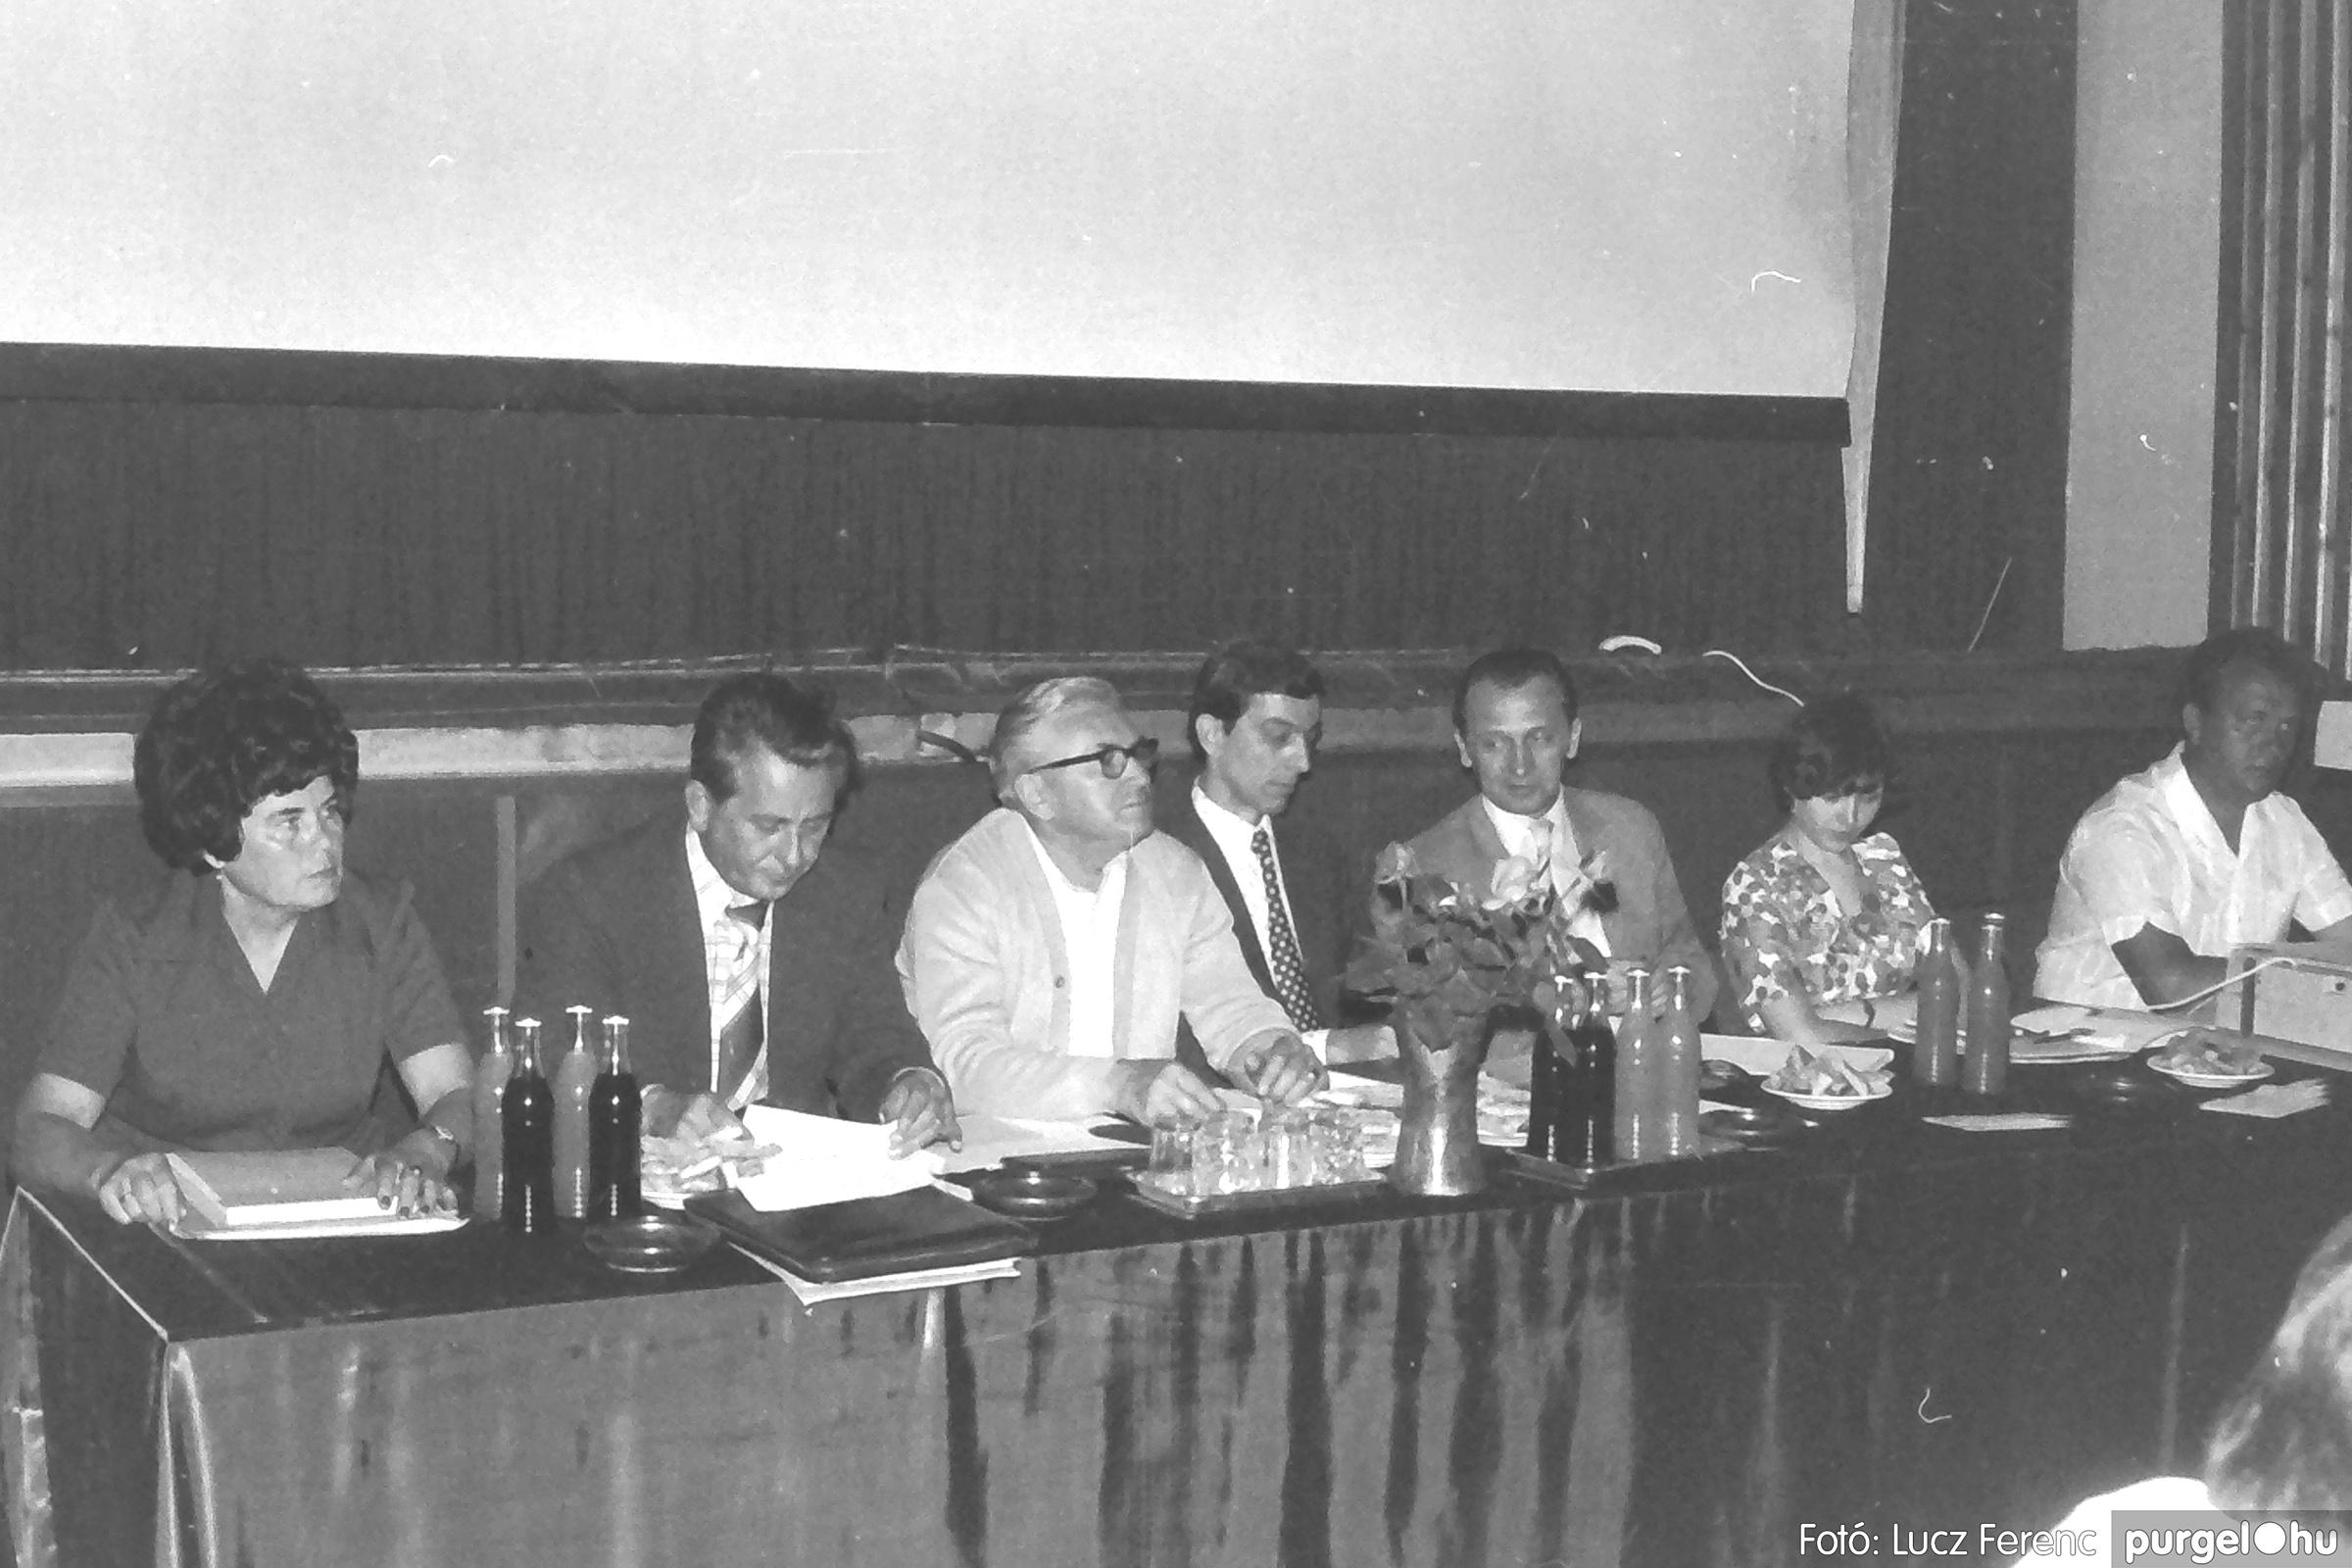 081. 1977. Kendergyári dolgozók vetélkedője 011. - Fotó: Lucz Ferenc.jpg